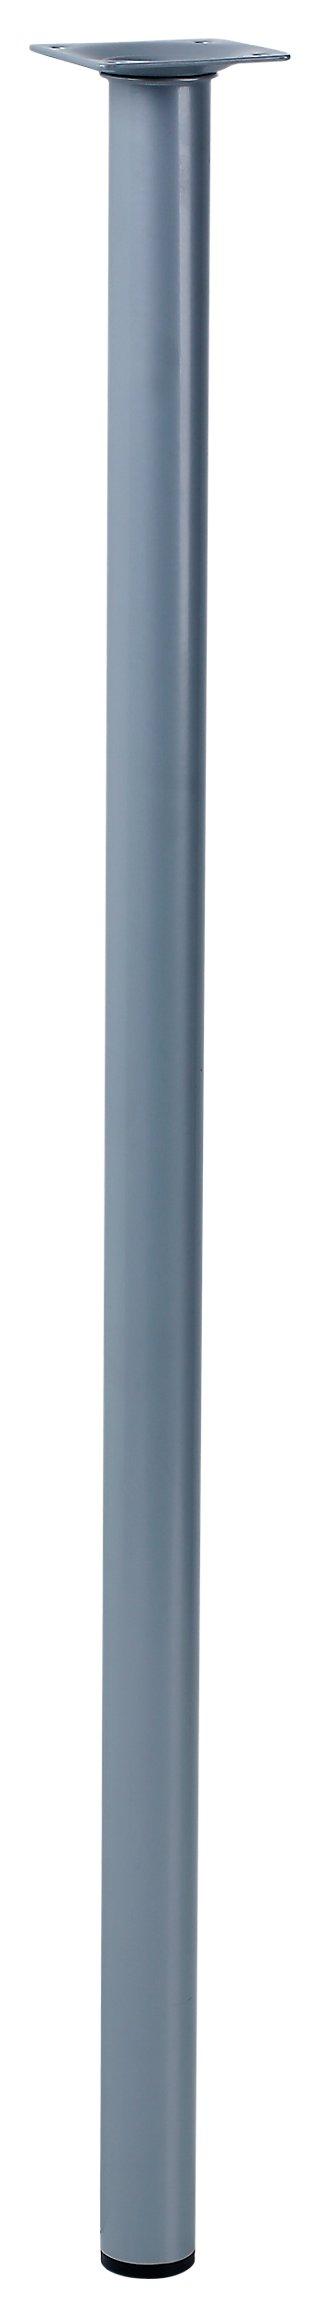 Pata fija de acero cromado mate 70 cm · LEROY MERLIN